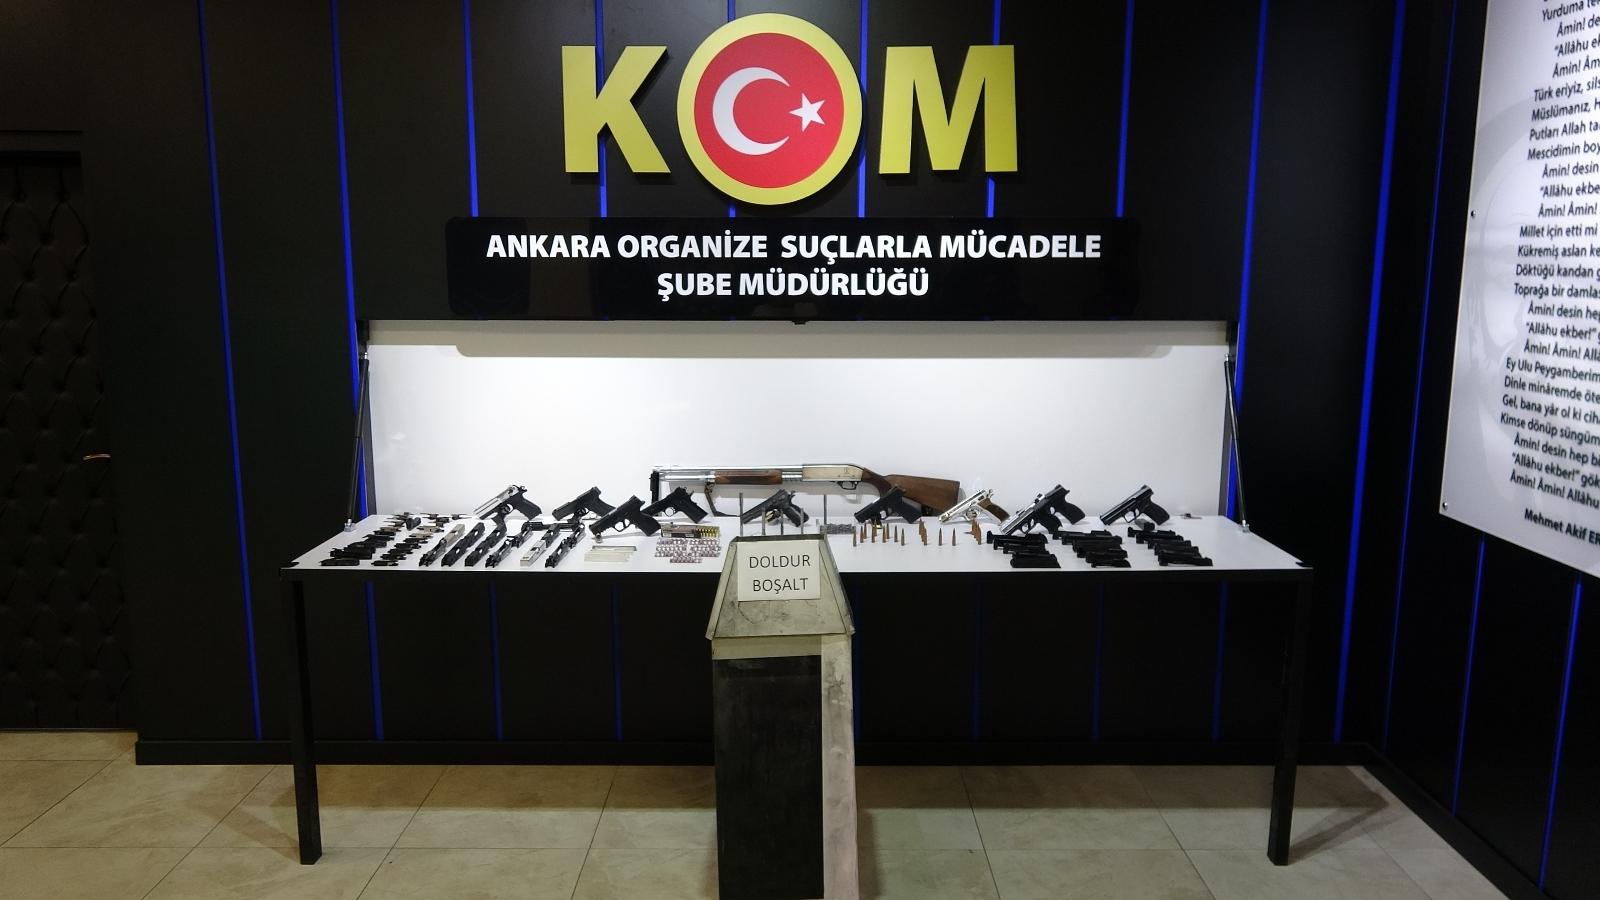 Ankara'da Yasa Dışı Silah Ticareti Yapan 15 Kişiye Gözaltı